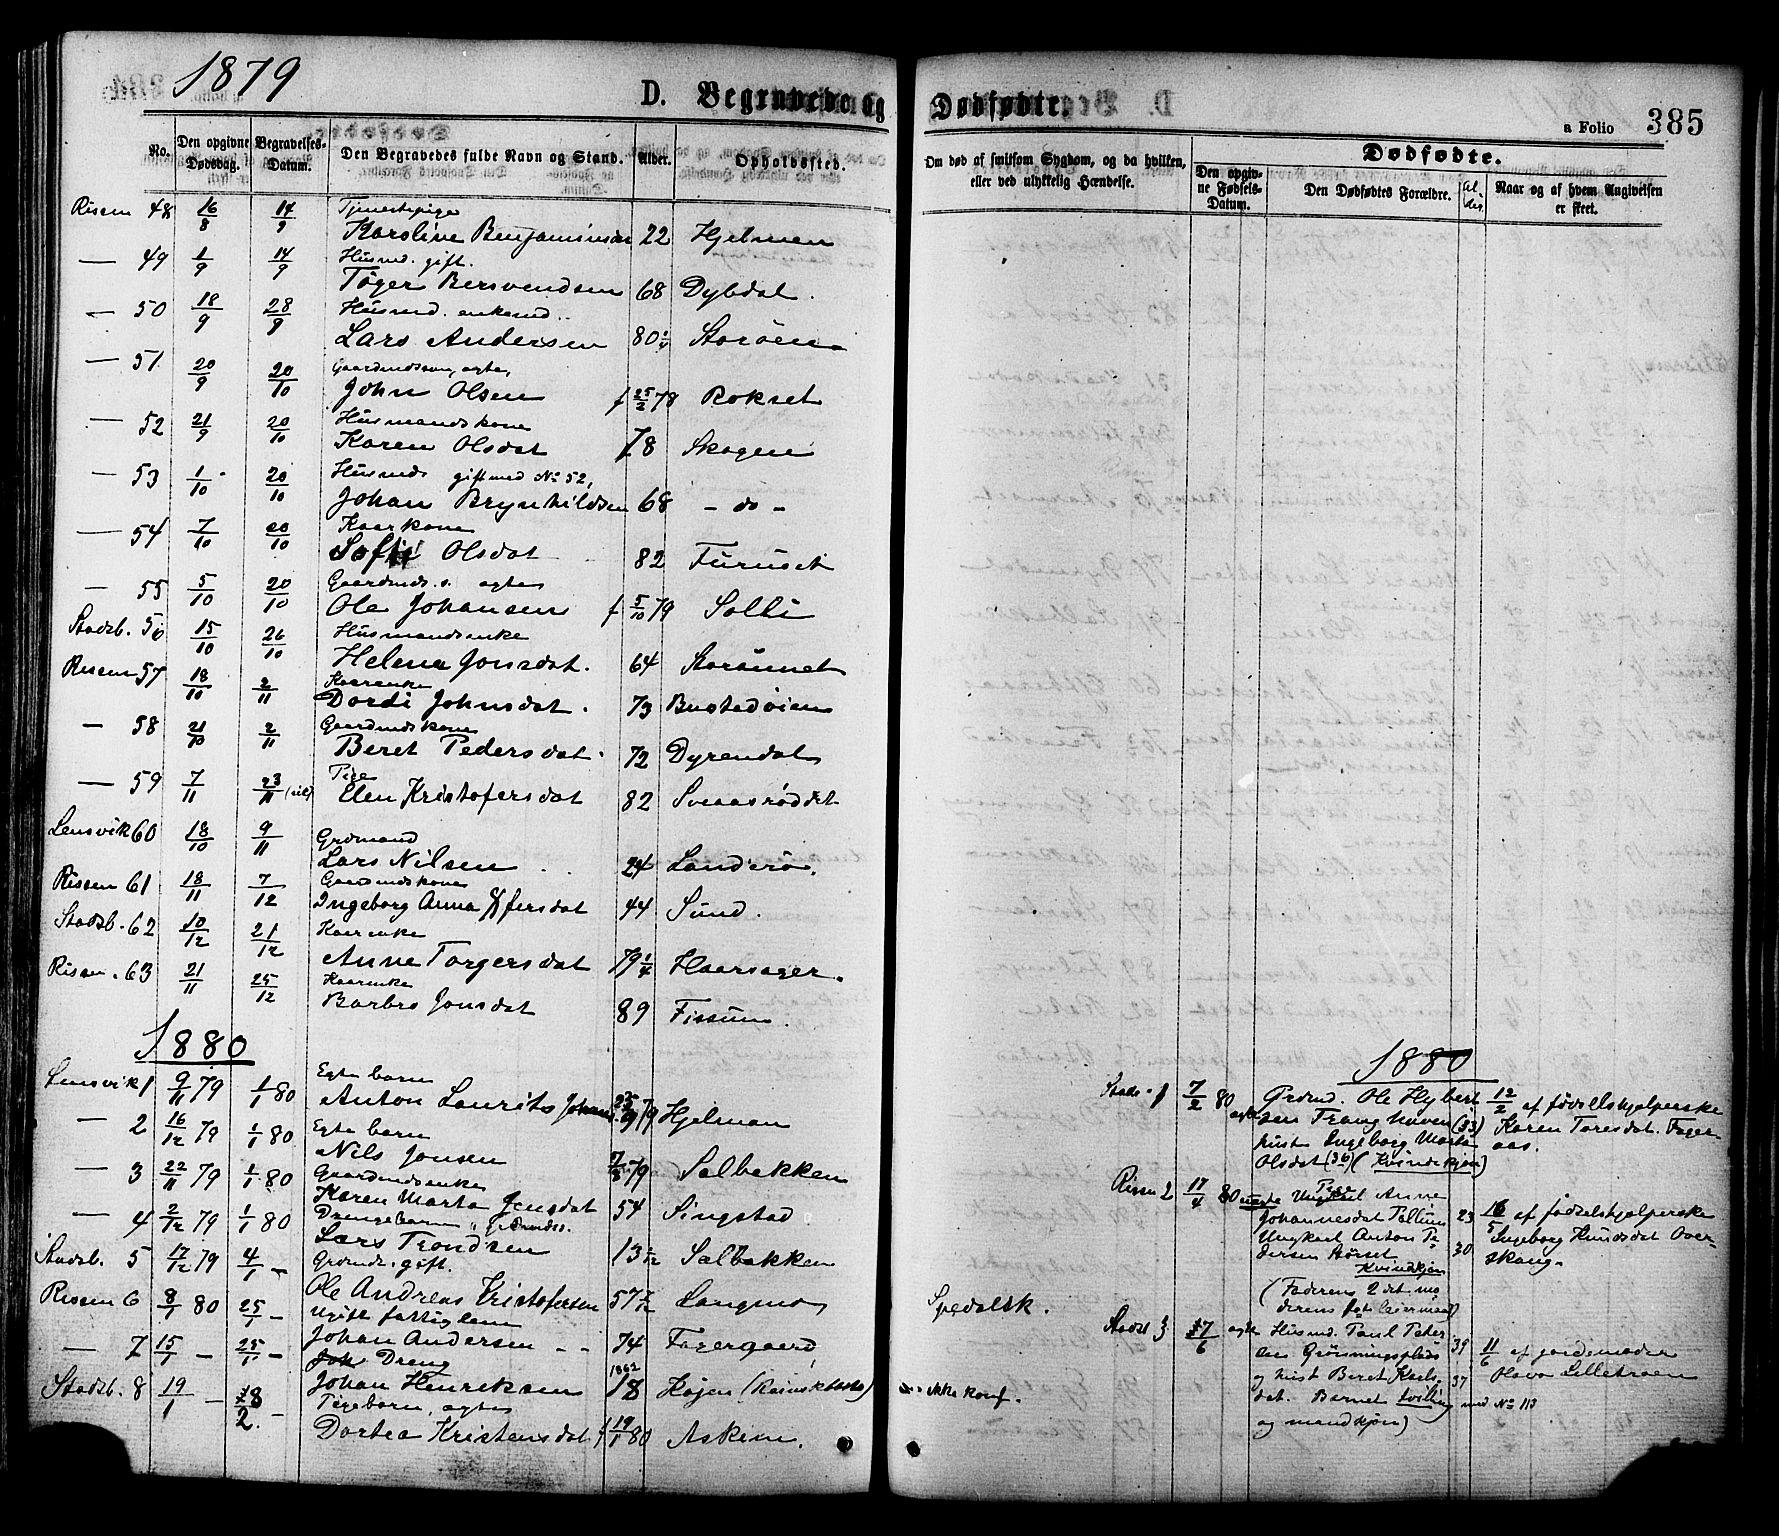 SAT, Ministerialprotokoller, klokkerbøker og fødselsregistre - Sør-Trøndelag, 646/L0613: Ministerialbok nr. 646A11, 1870-1884, s. 385